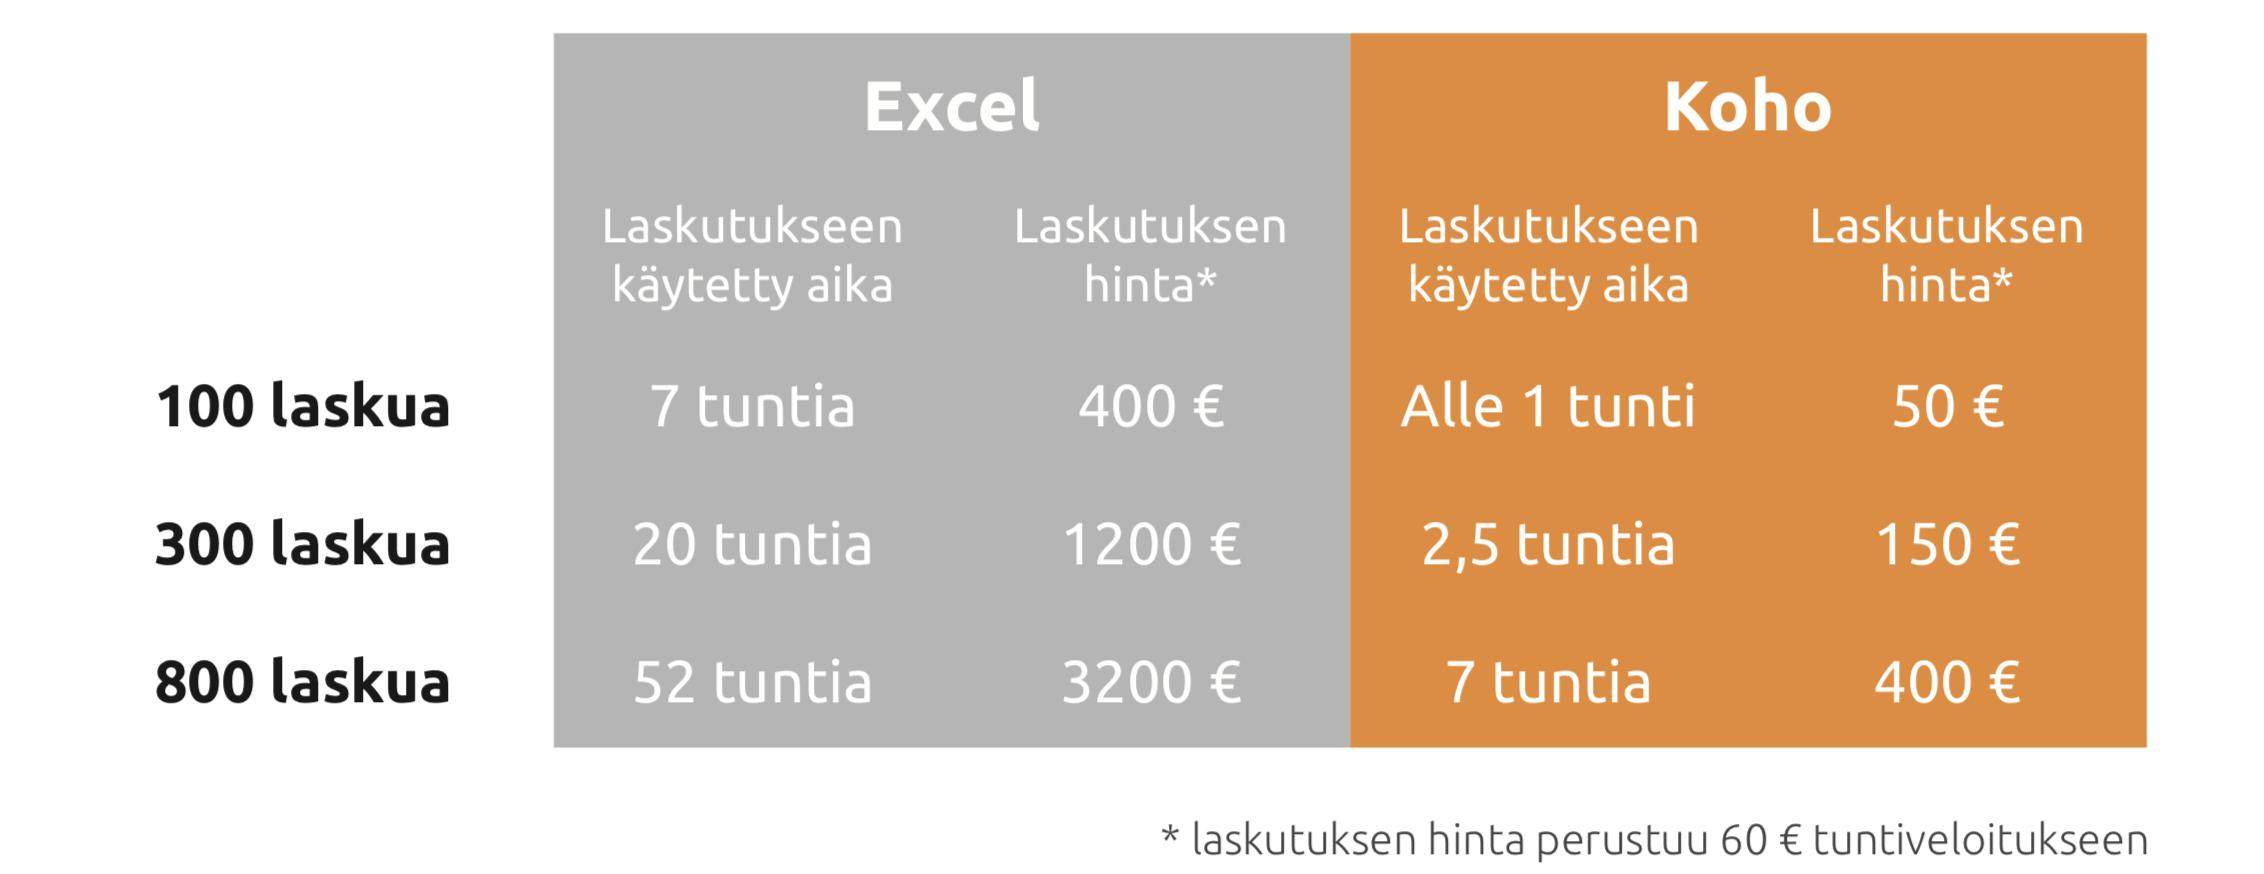 Tilitoimiston myyntilaskutus, Excel vs. Koho